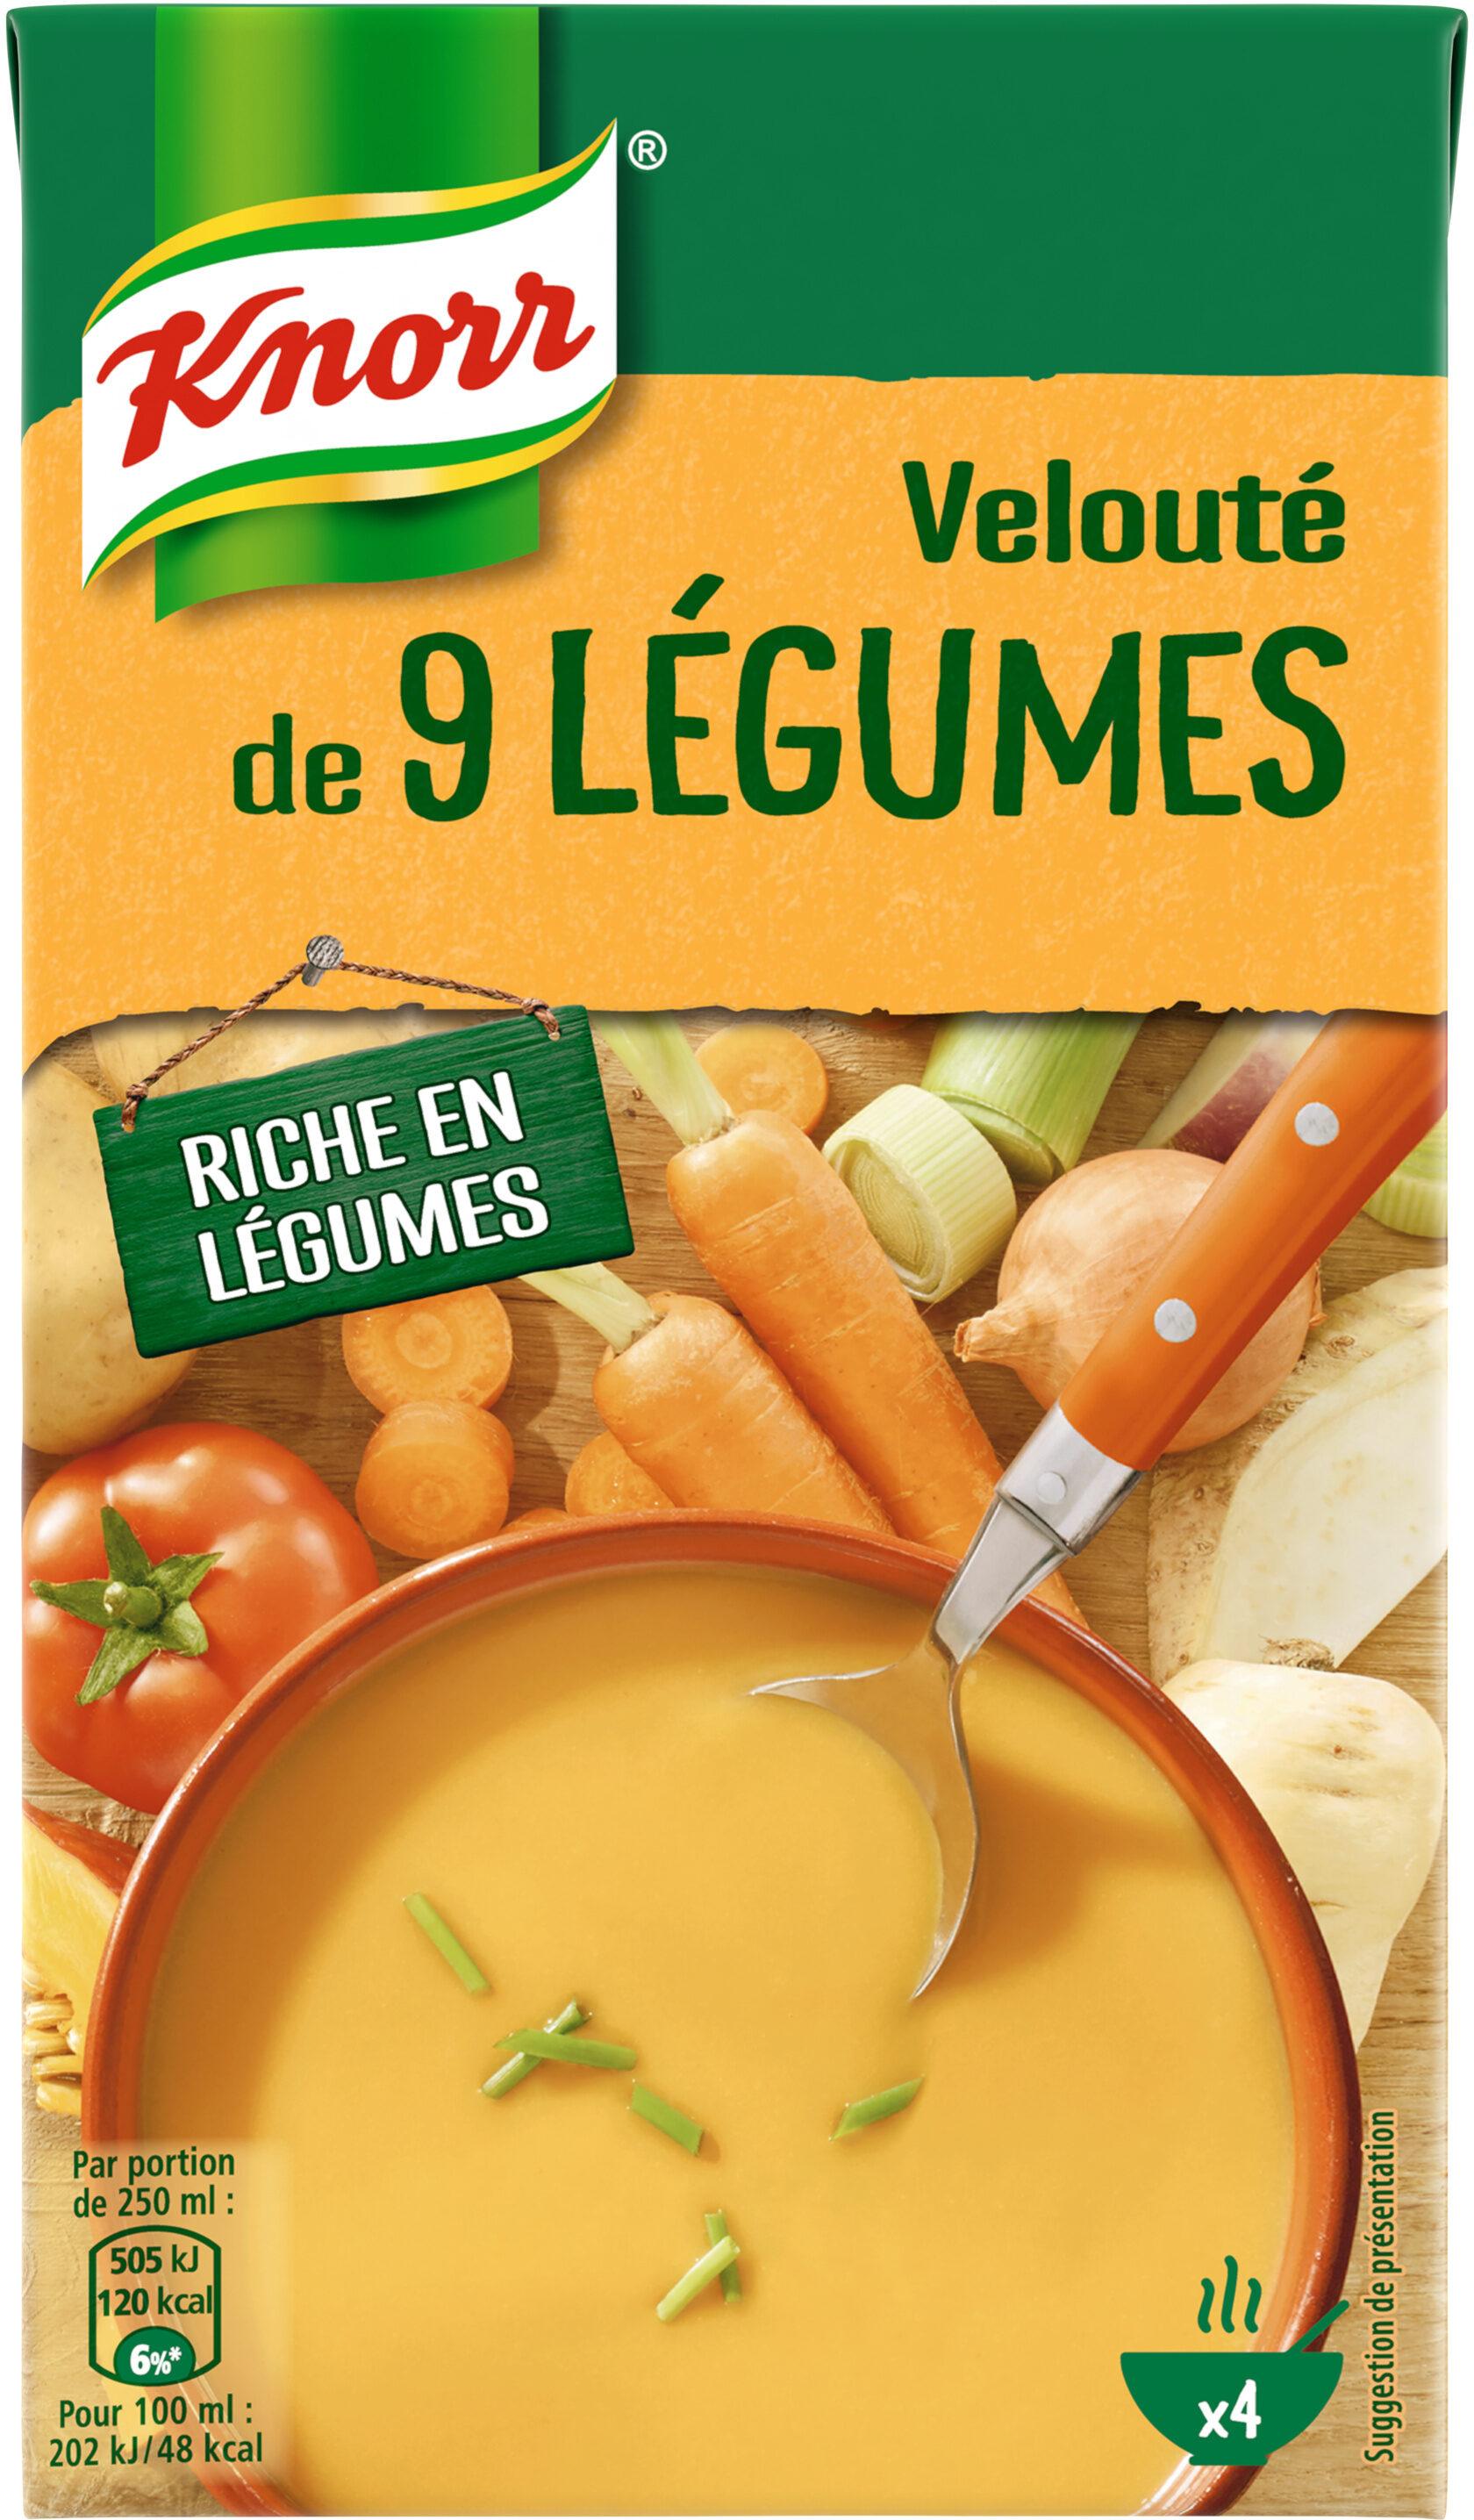 Knorr Soupe Liquide Velouté de 9 Légumes Brique 1L - Producto - fr